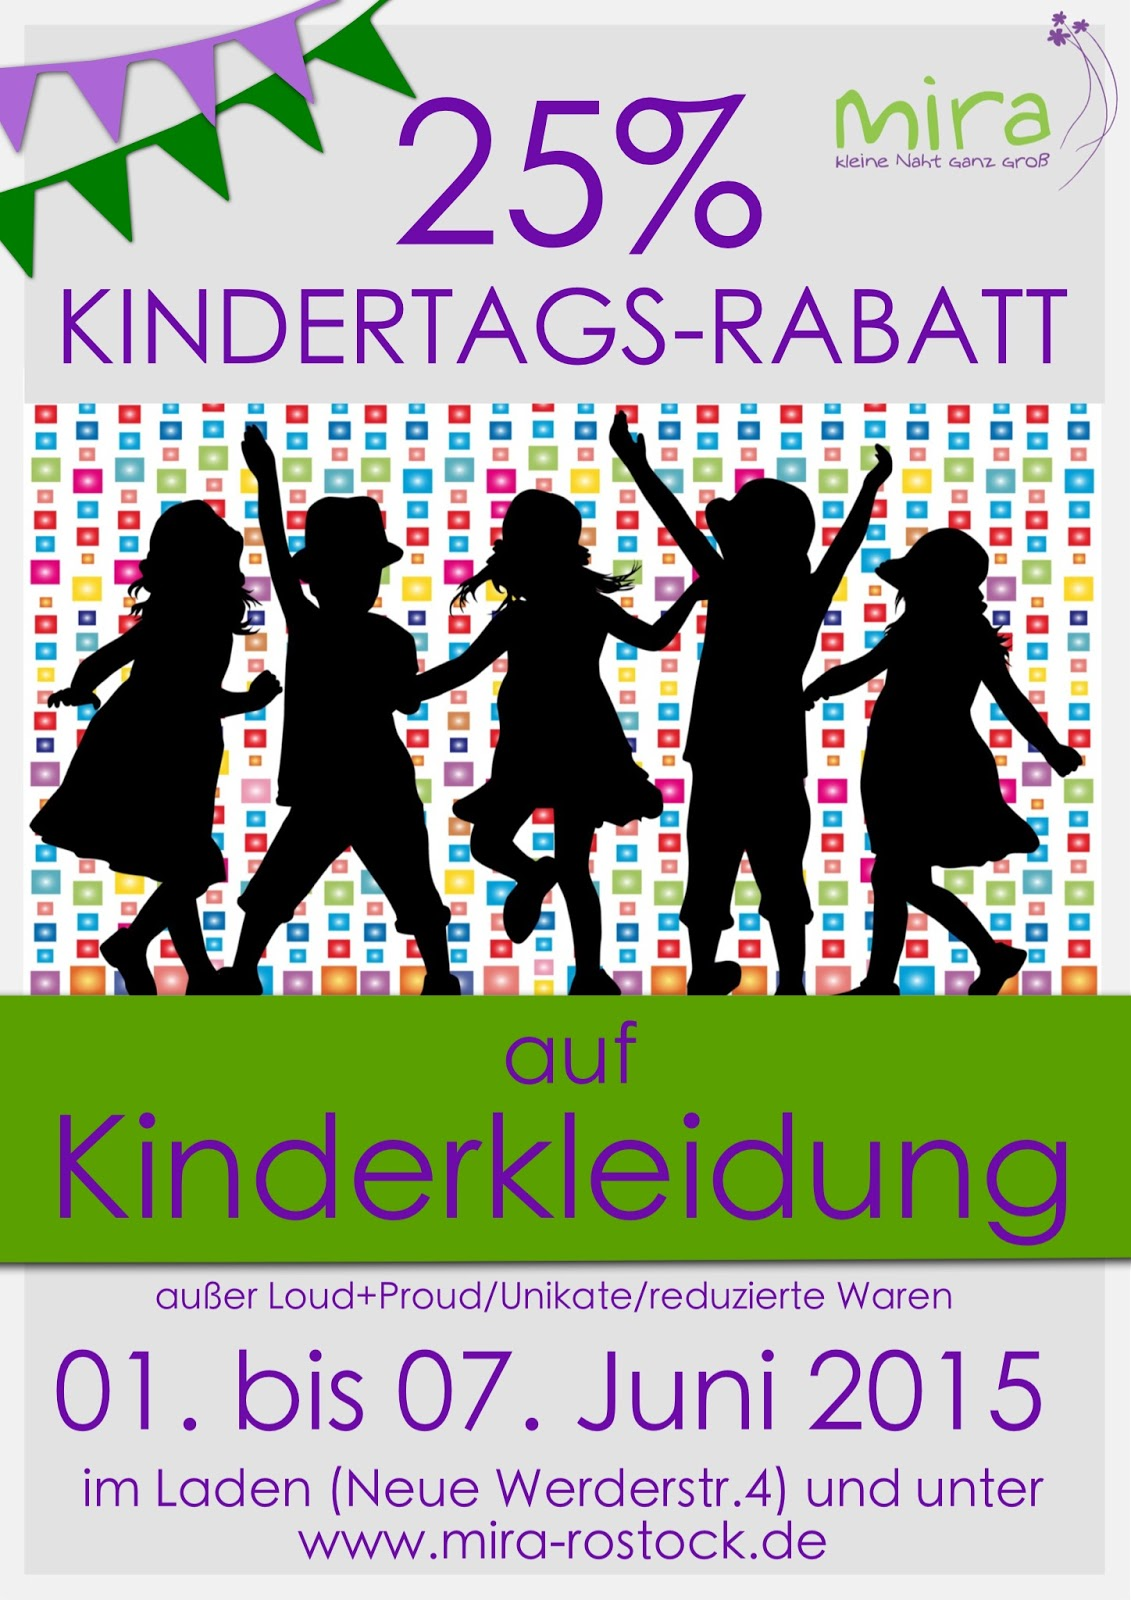 Kindertags-Rabatt bei mira! :-)